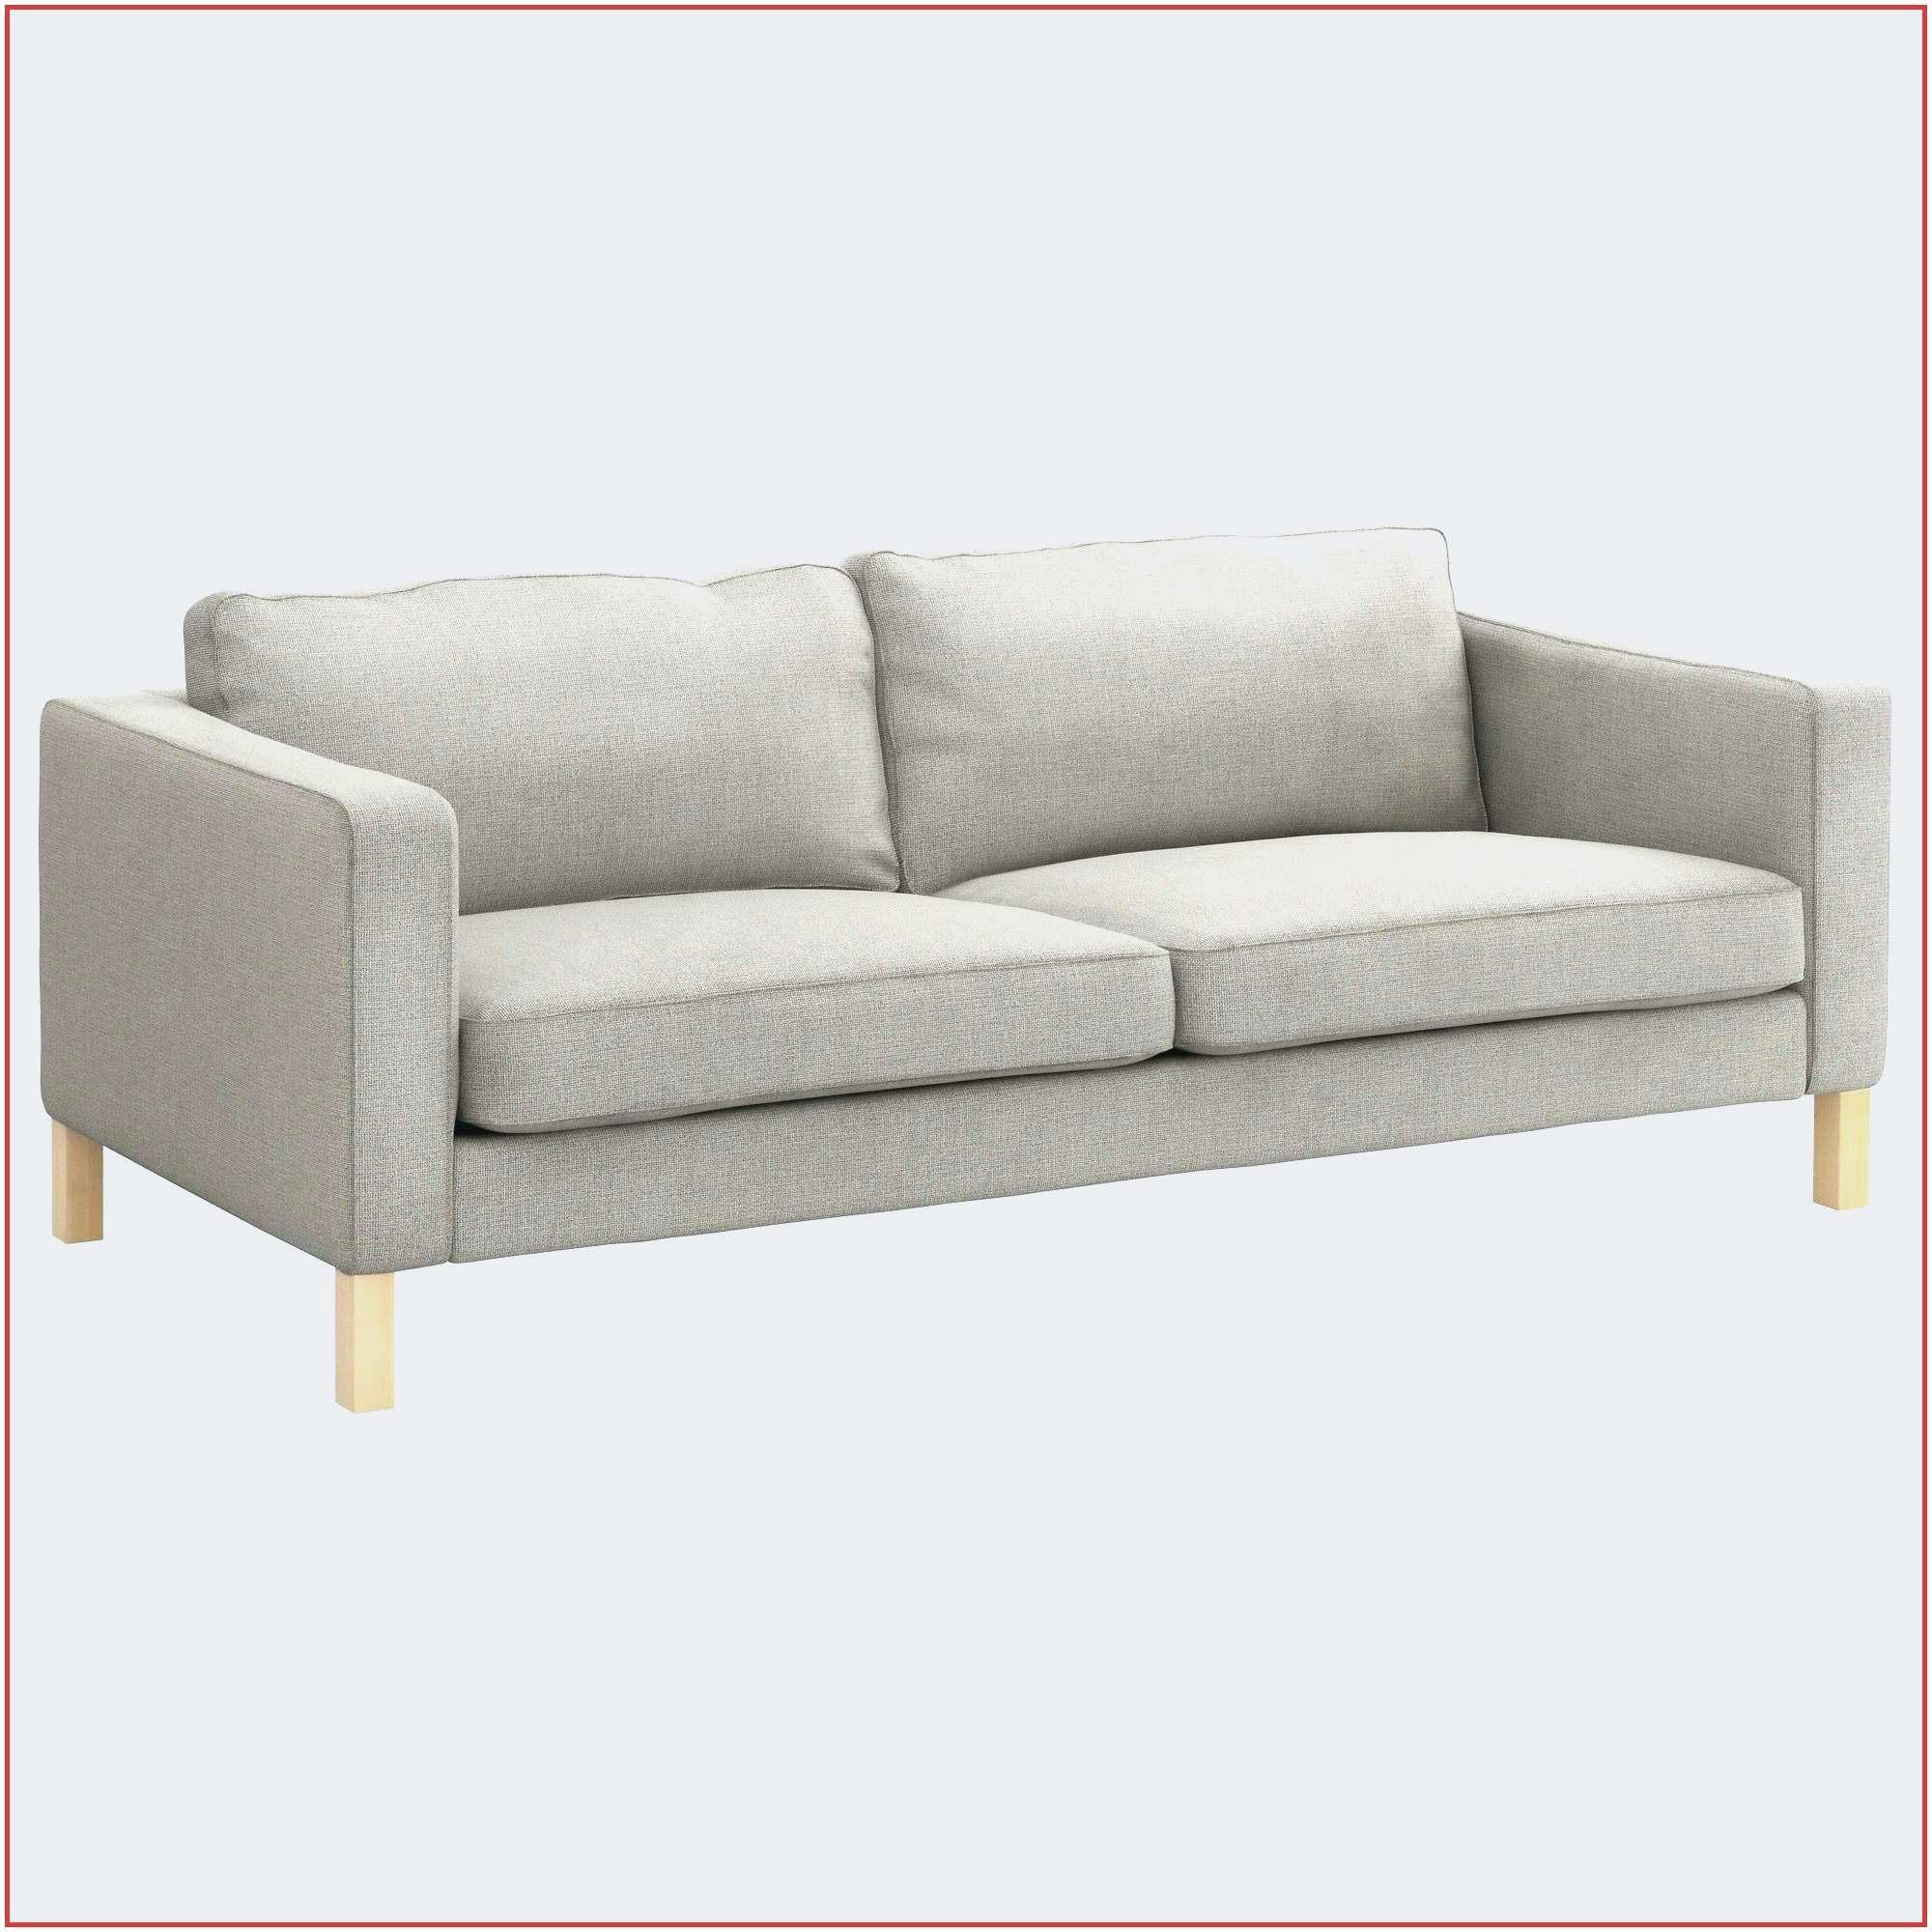 Canapé Lit Convertible Ikea Frais Frais Ikea Canape Clic Clac New 107 Best Canapés Pinterest Pour